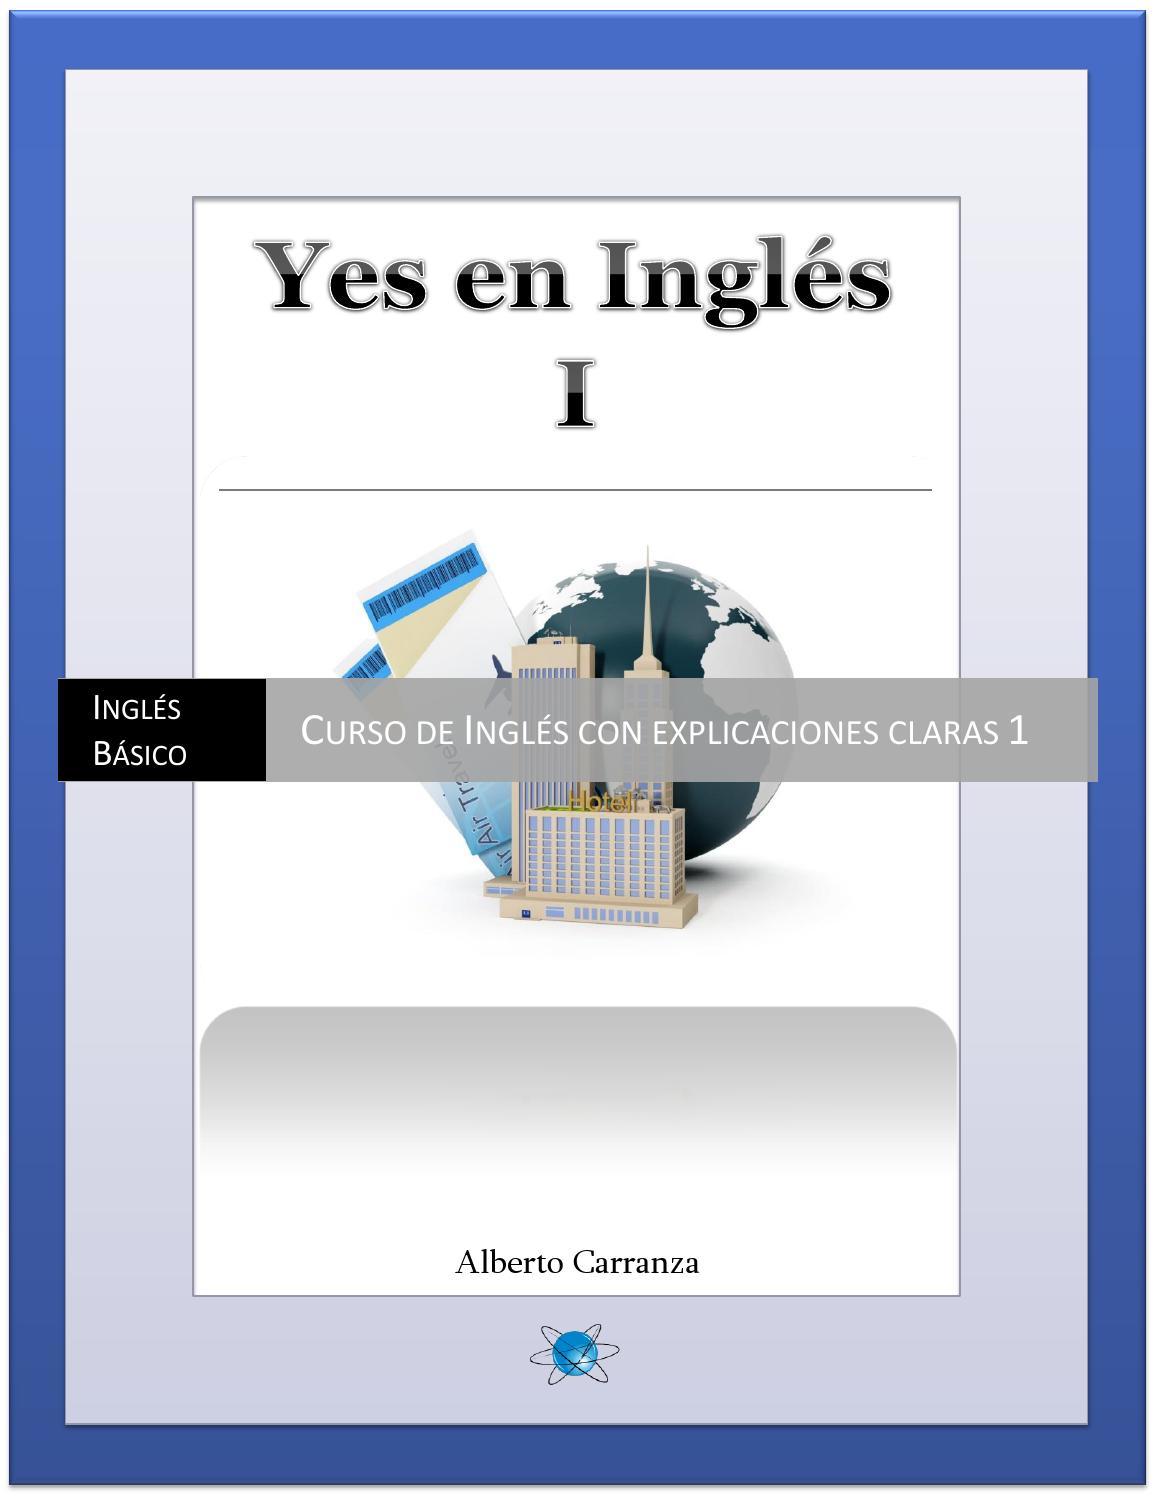 Yes En Ingles 1 Ingles Basico Curso De Ingles Con